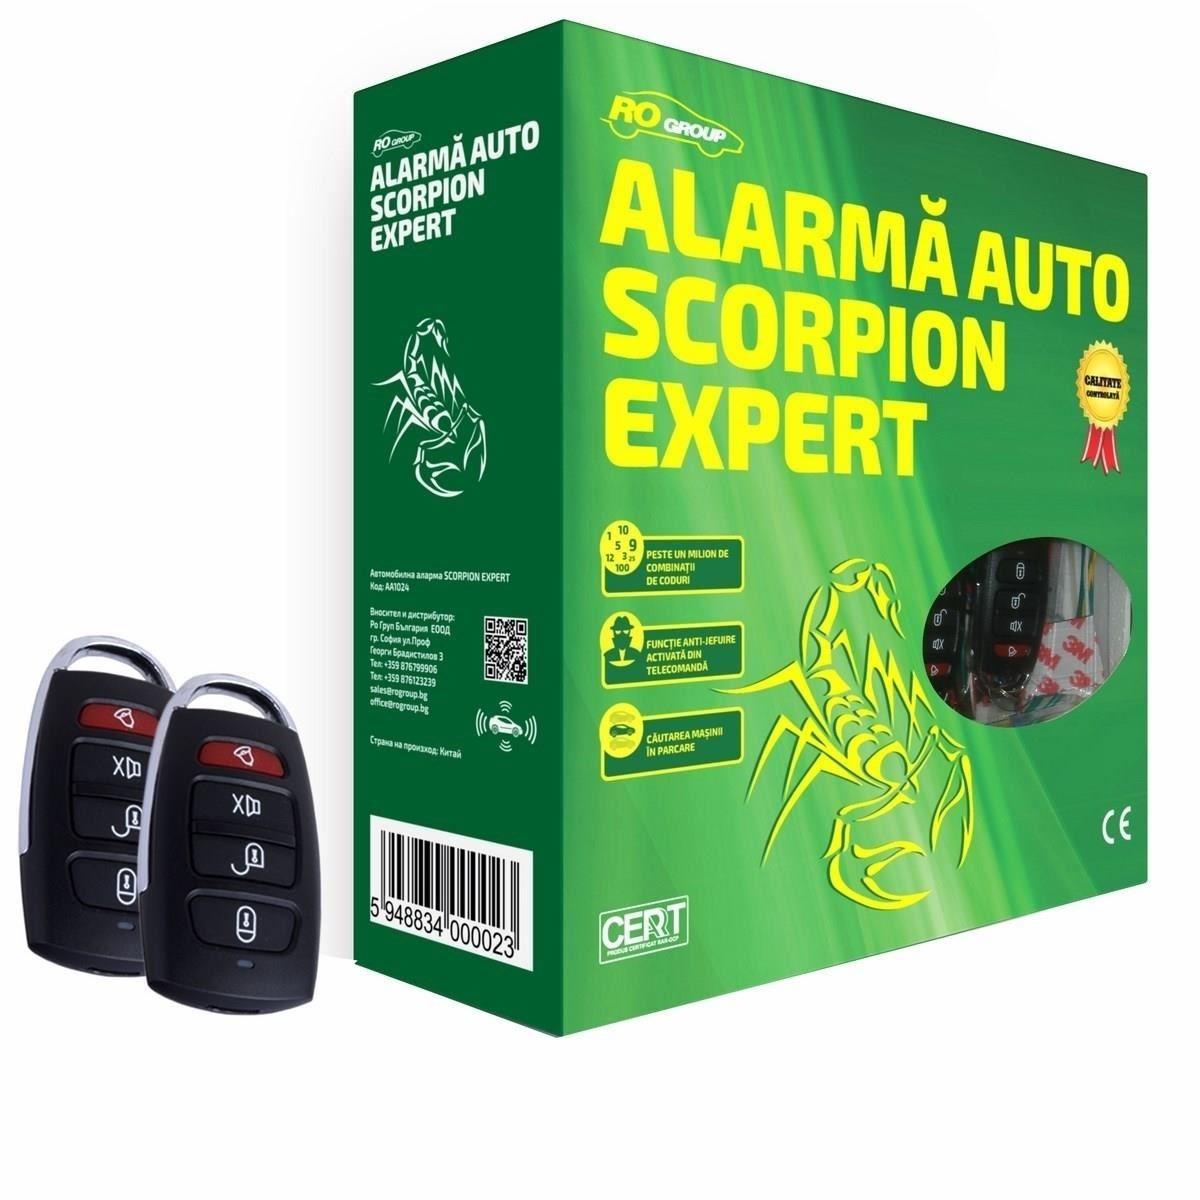 ALARMA AUTO MTR AA1024 SCORPION EXPERT